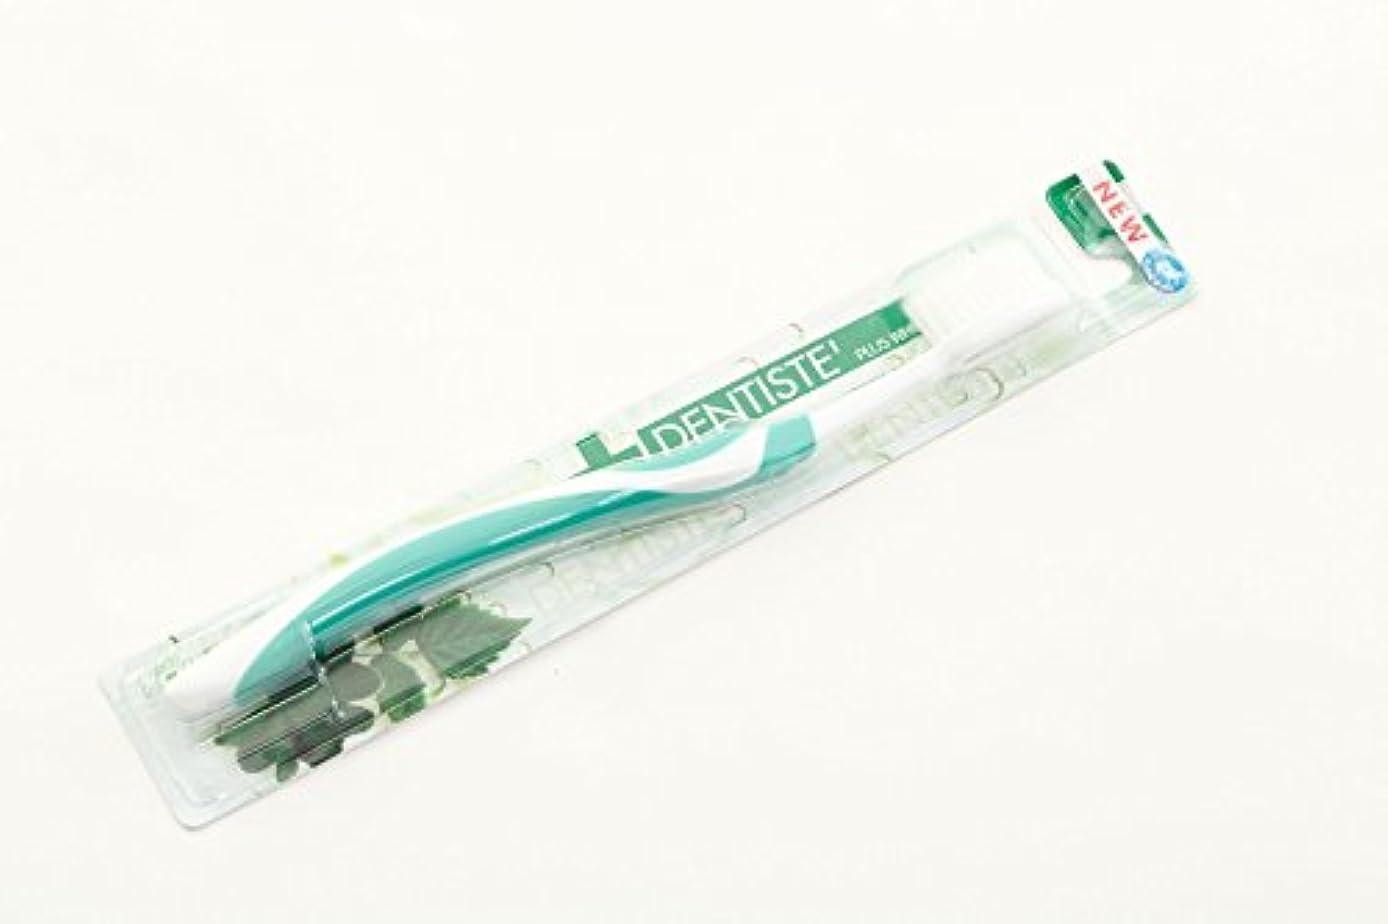 常習的ストリームからに変化する@コスメNo1のLove歯磨き デンティス【歯ブラシ DENTISTE  大人用】 人気?売れてます